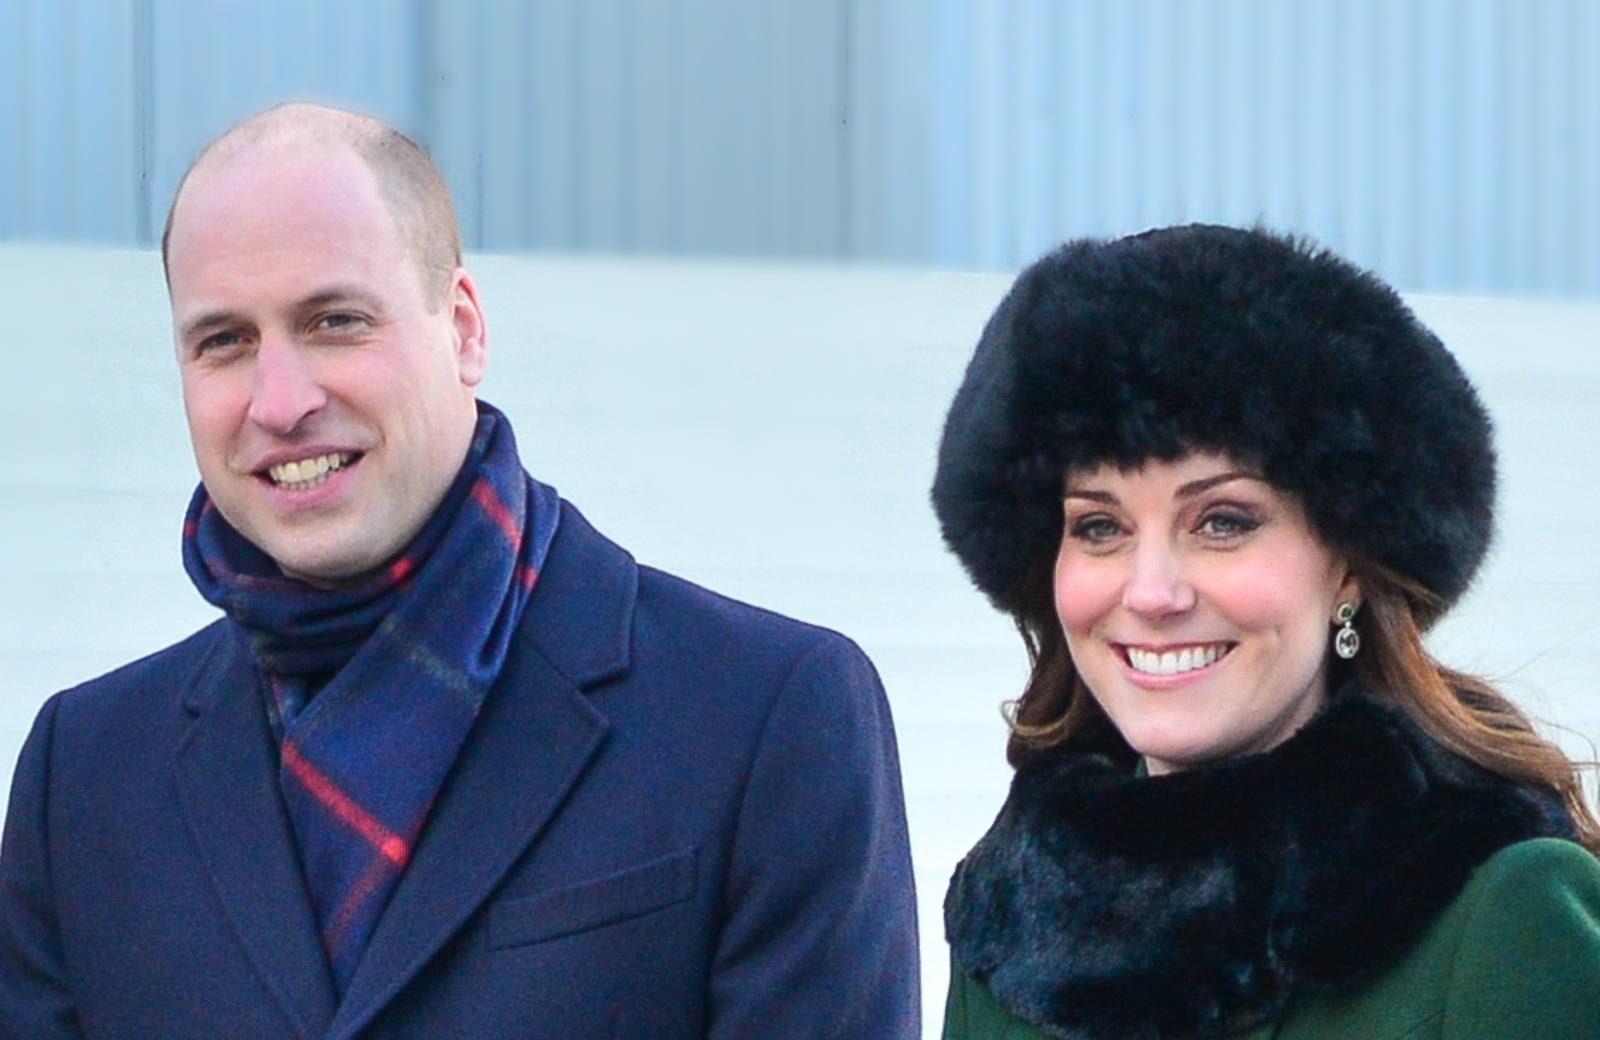 Herzogin Kate und Prinz William im Winter